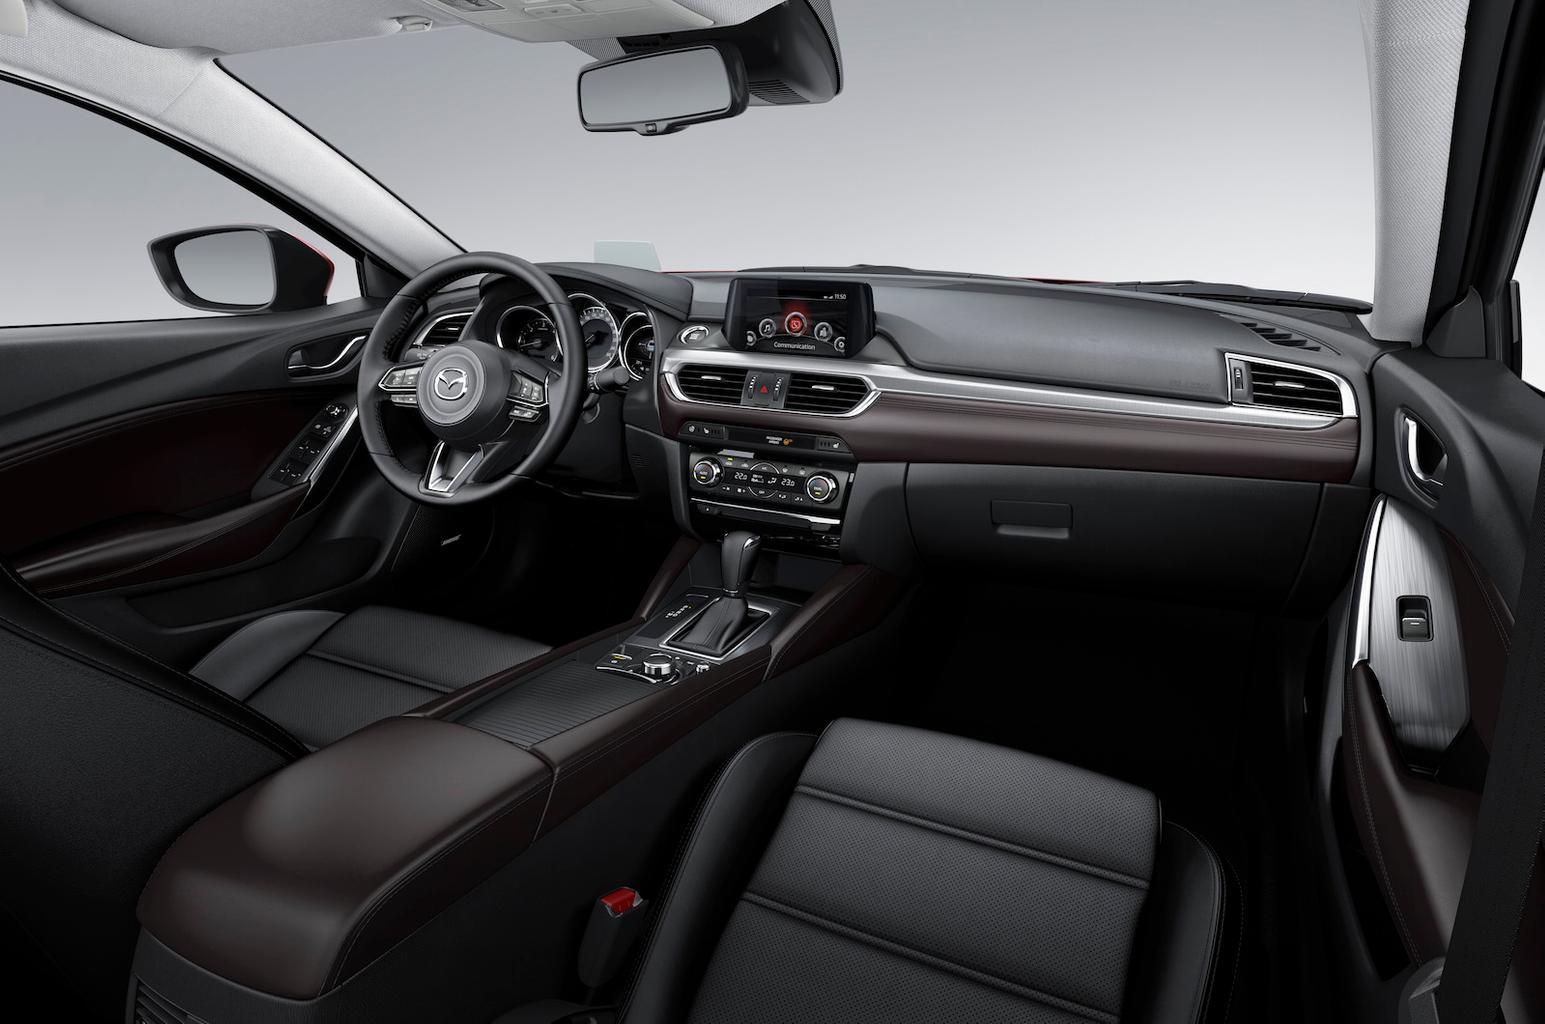 2017 Mazda 6 2.2 Skyactiv D 150 Review